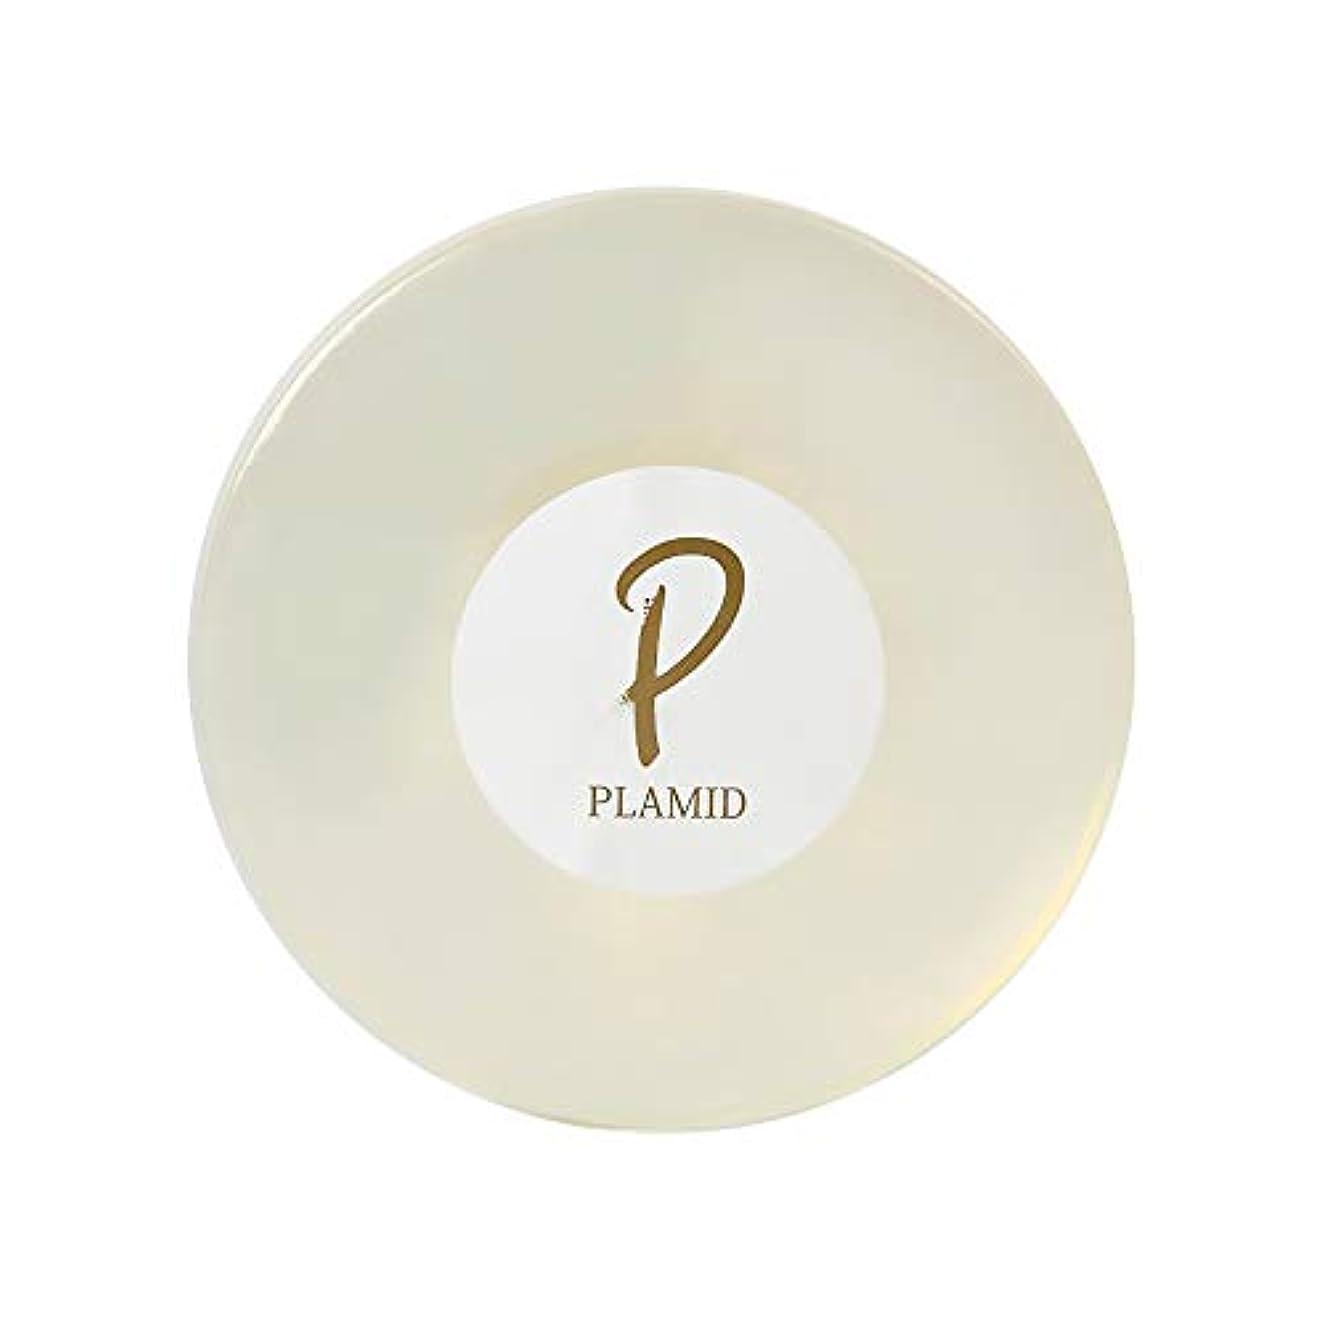 焦げ完璧な拷問PLAMID プラミドクリスタルソープ(90g)馬プラセンタ配合 透明洗顔石鹸 ROTTS ロッツ